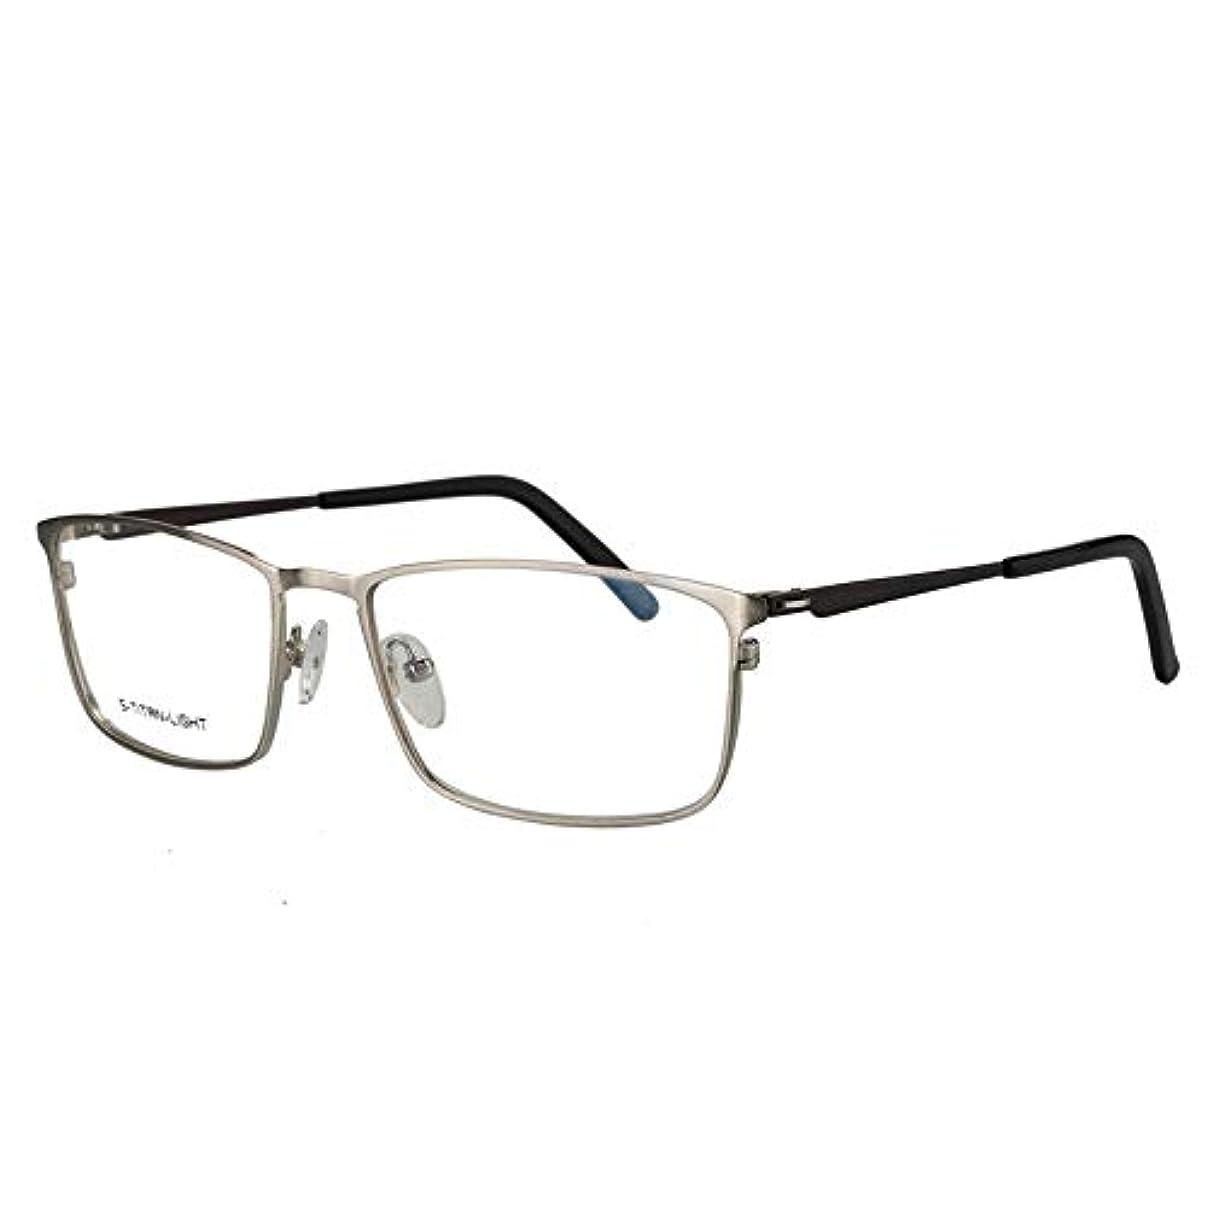 紫外線保護老眼鏡、高齢者のHD読書抗疲労スマート色変化樹脂レンズ金属超軽量老眼鏡、男性と女性の携帯用老眼鏡